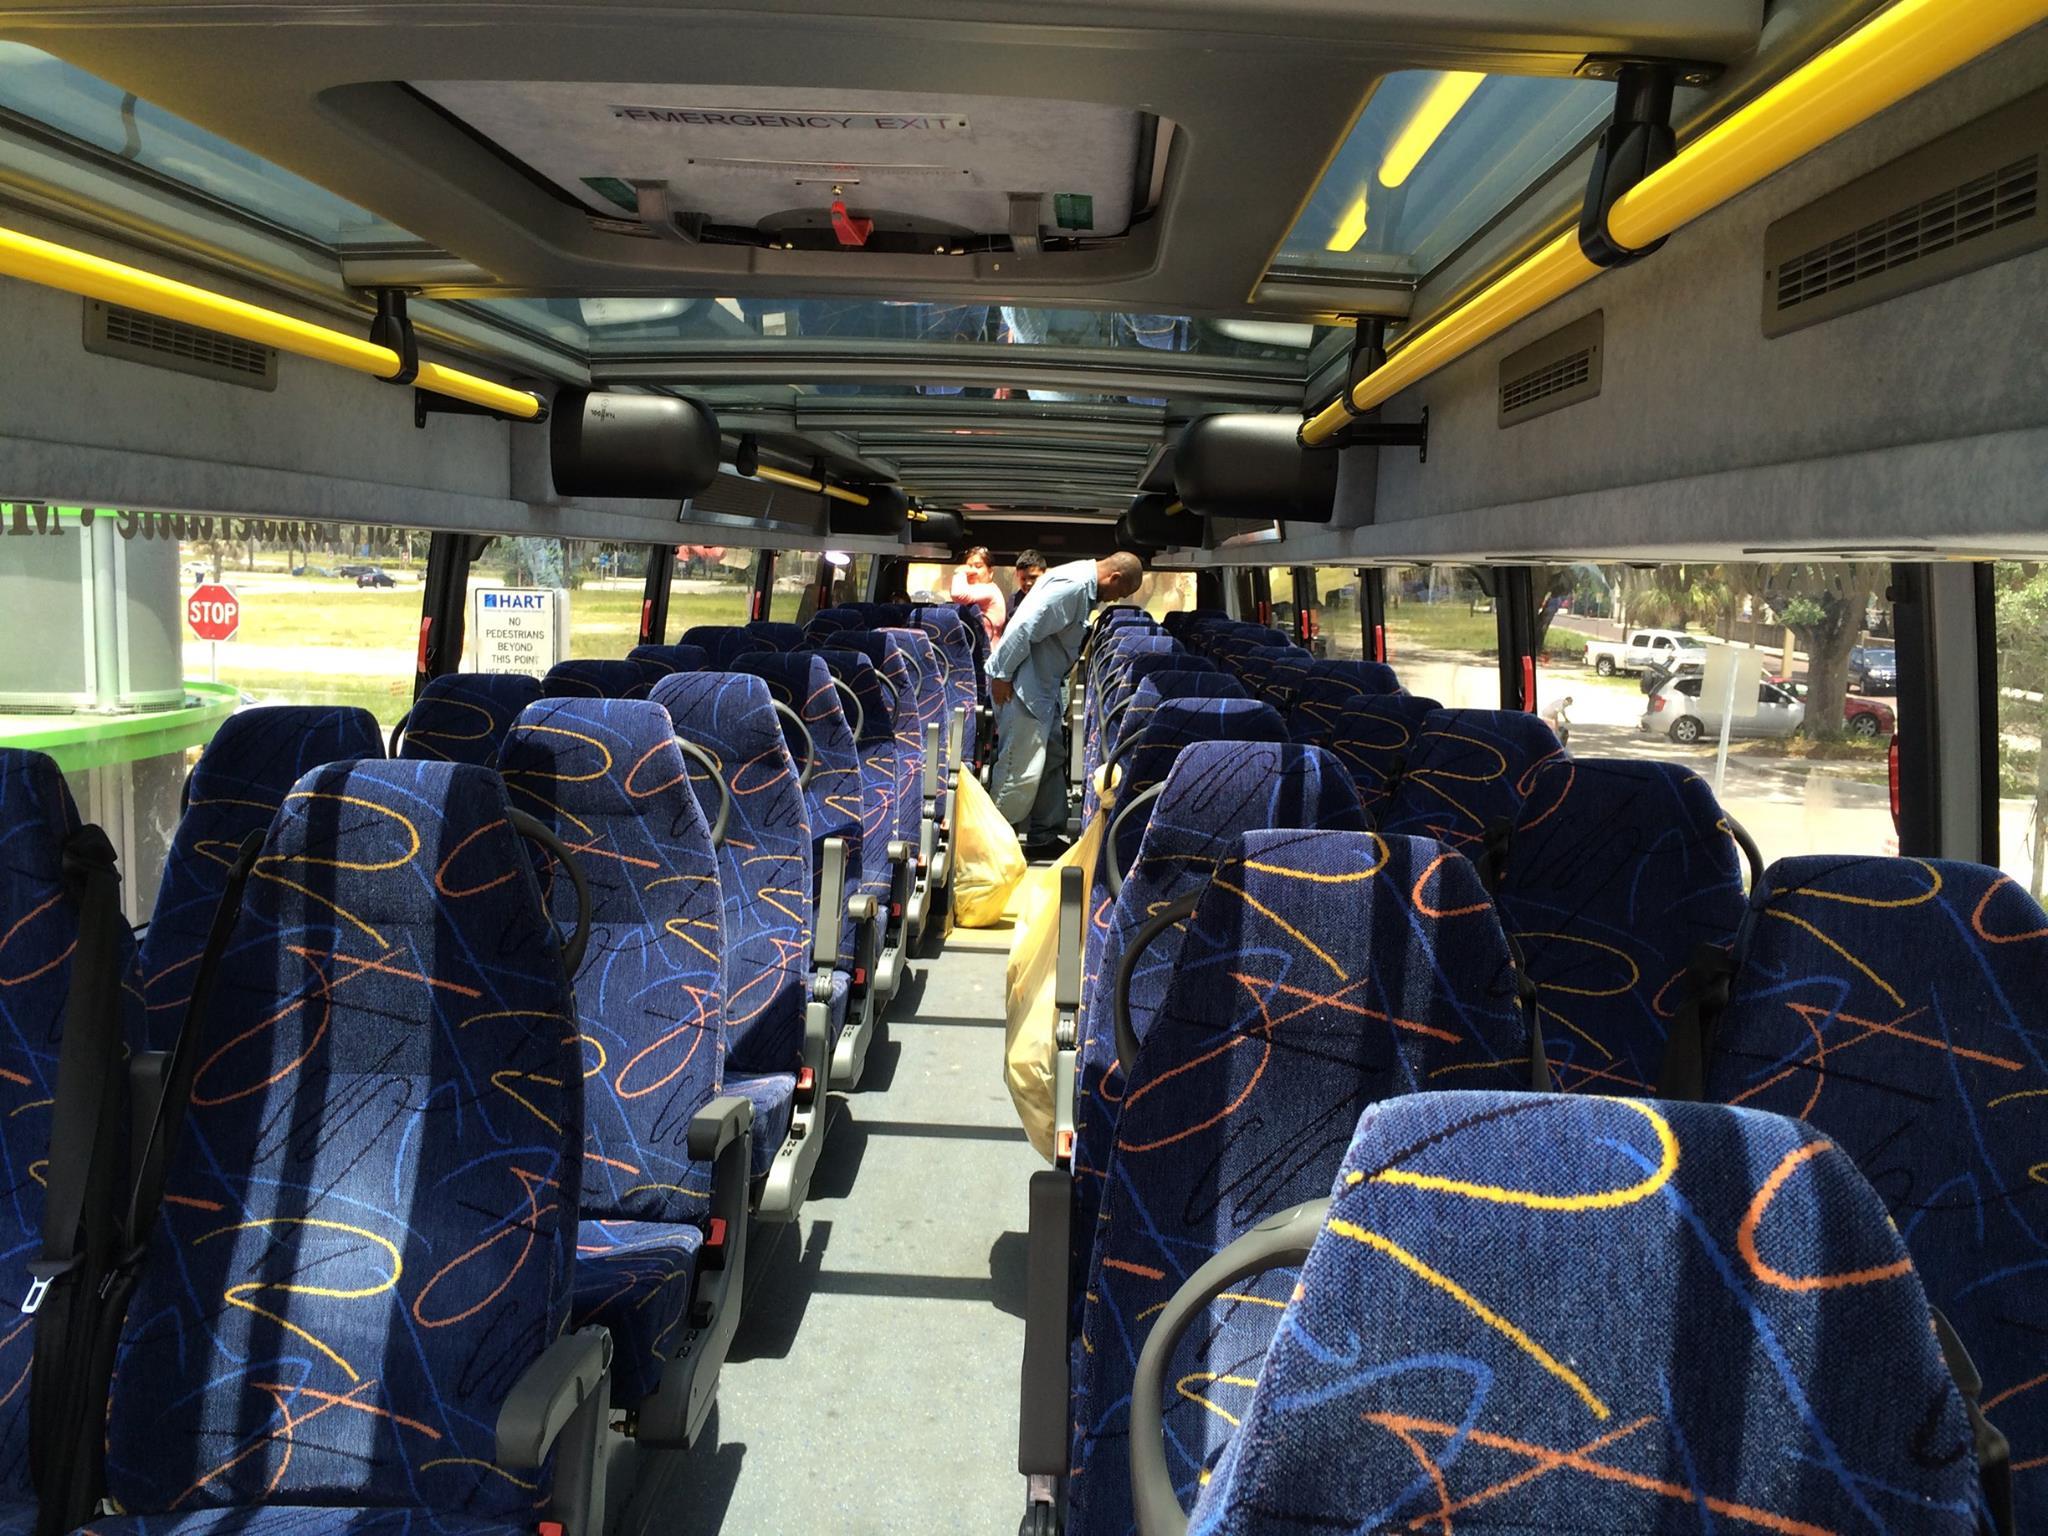 Đây là chiếc xe buýt hai tầng với hơn 80 chỗ ngồi. Tầng 2 luôn chan hoà nắng bởi trên nóc là tấm vật liệu trong suốt